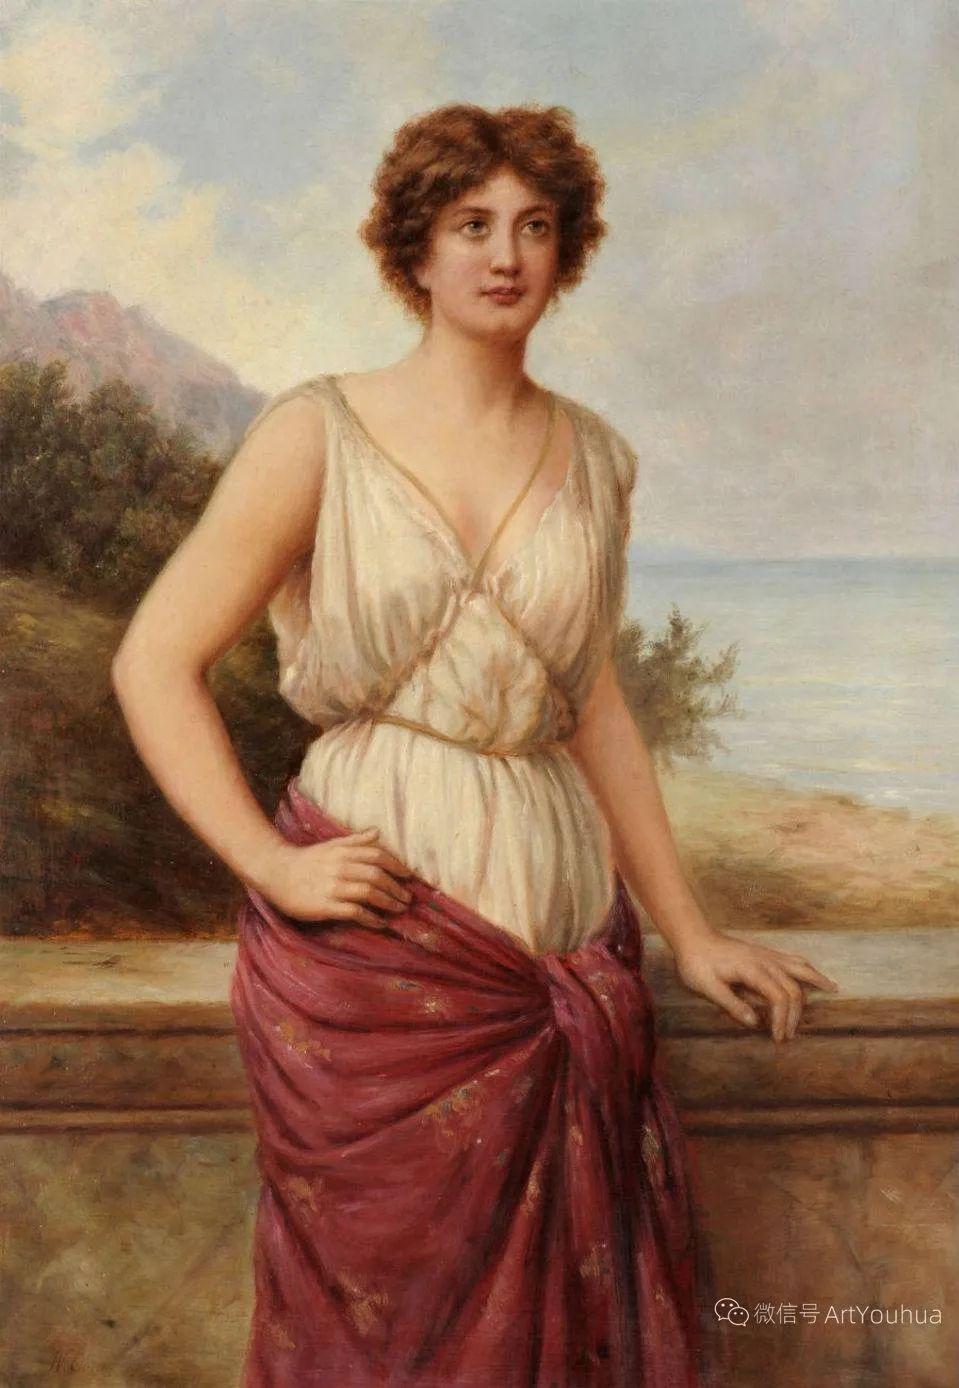 纯情与美丽,英国画家威廉·奥利弗作品选插图21